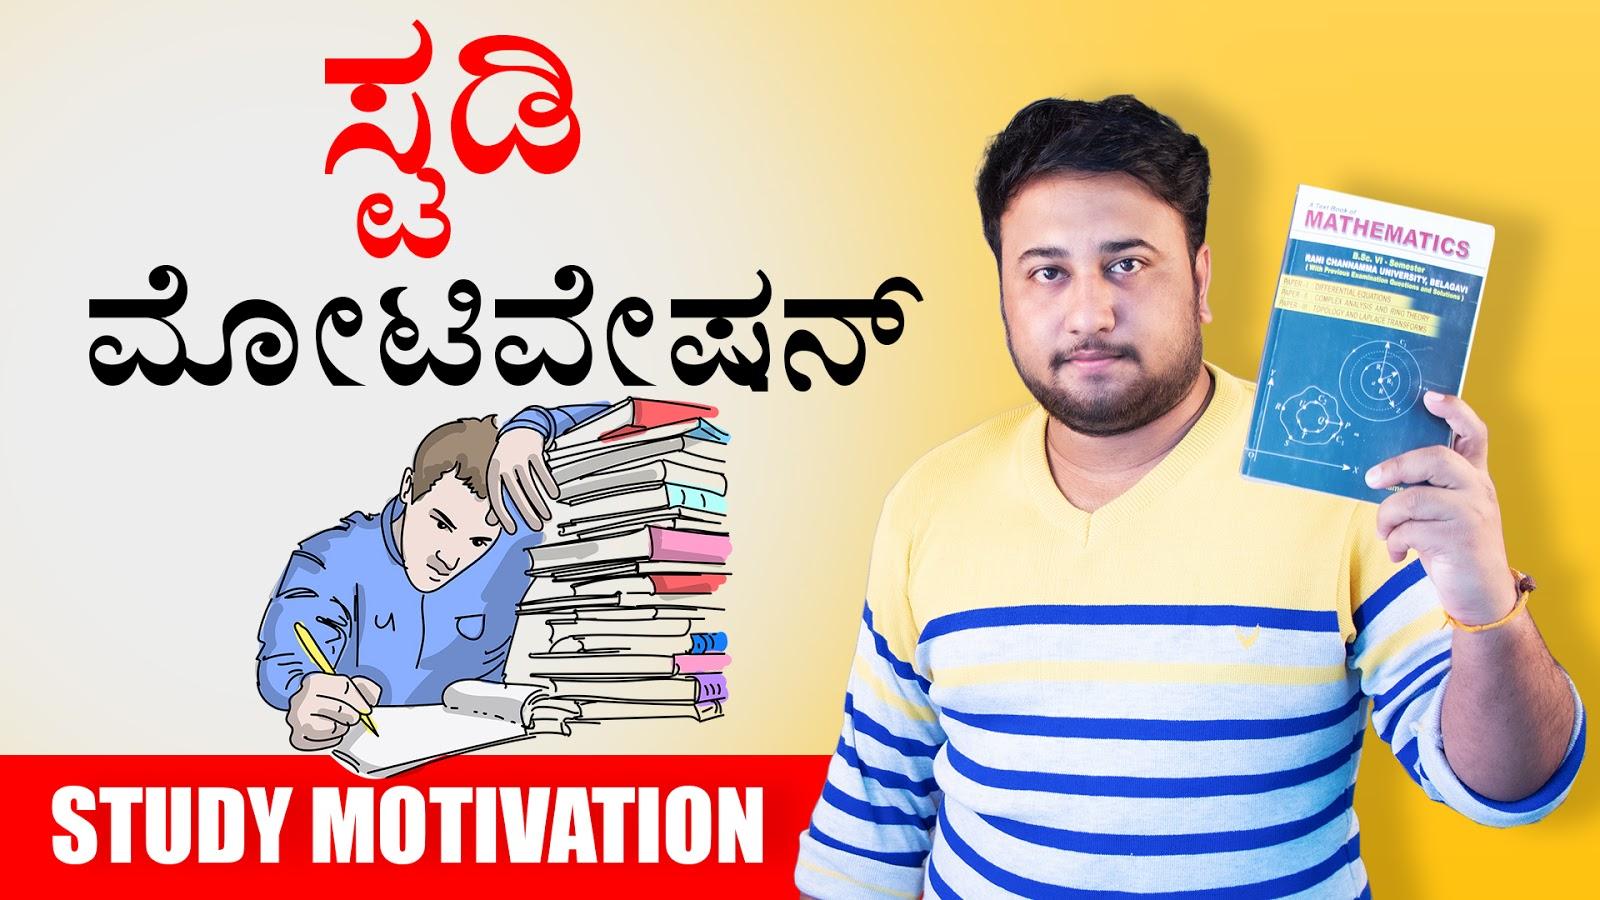 ಸ್ಟಡಿ ಮೋಟಿವೇಷನ್ - Study Motivation in Kannada